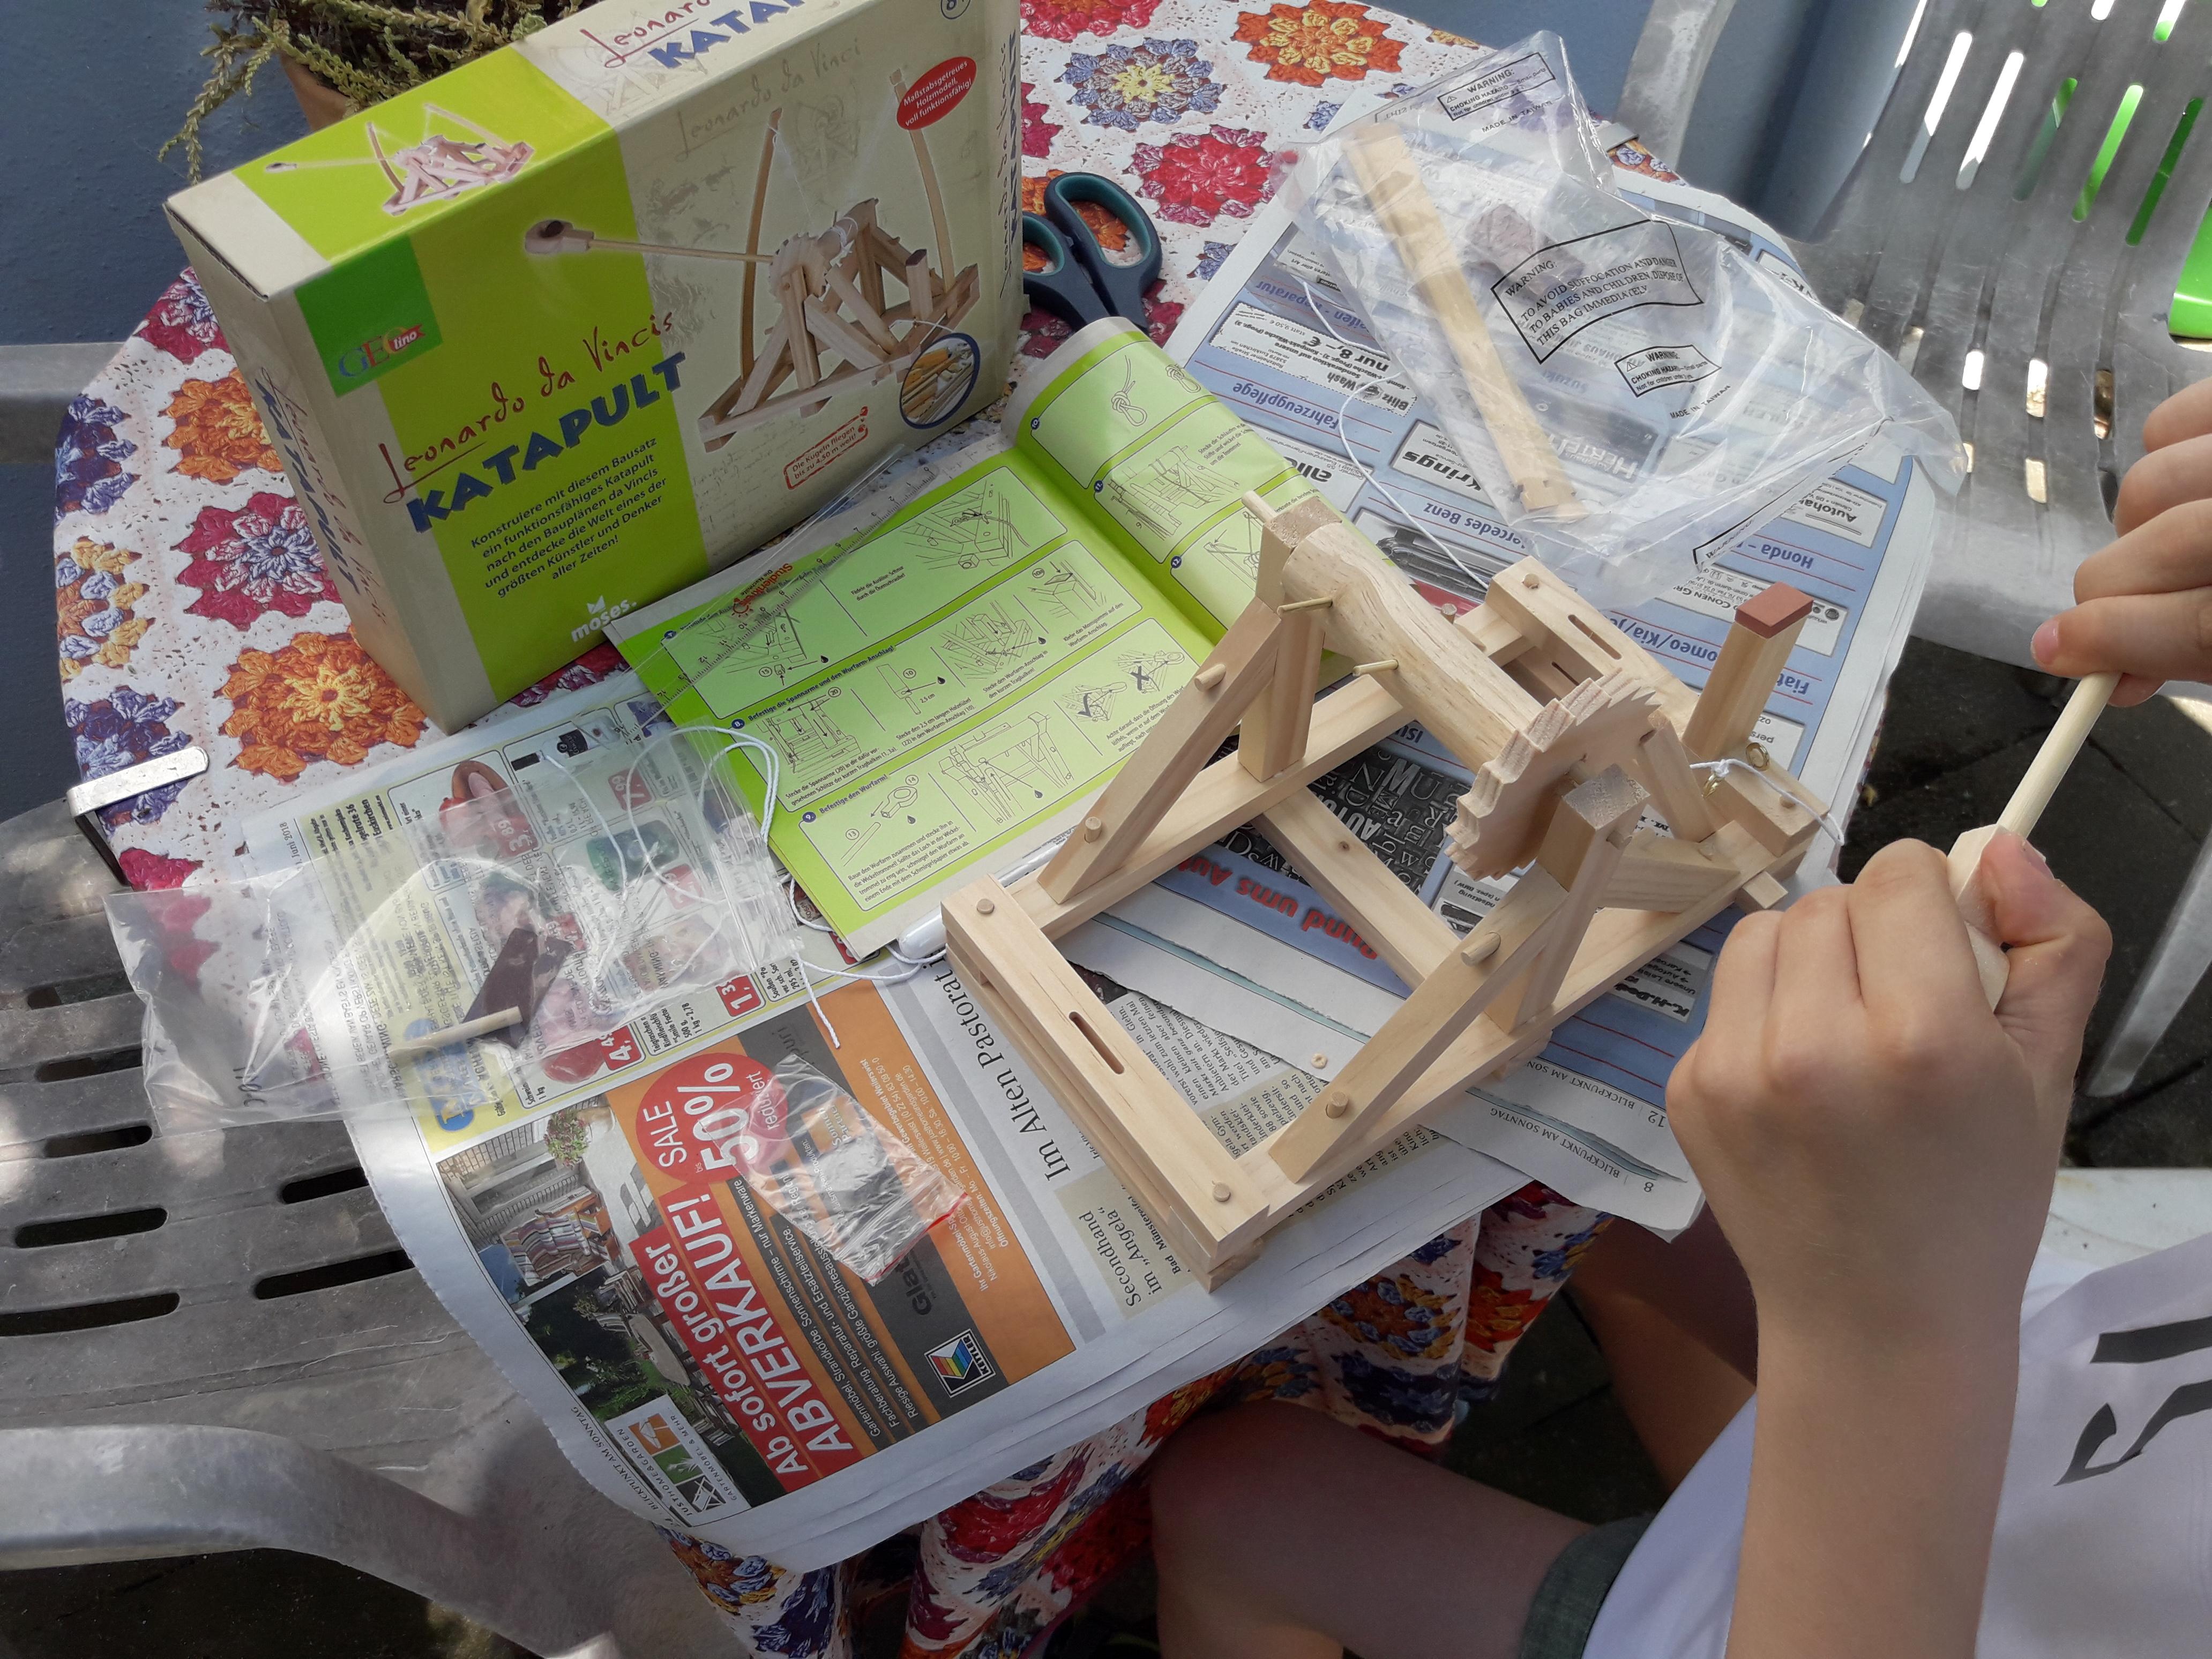 Das richtige Geschenk für junge Architekten: das Katapult von GEOlino. Foto: Kristin Steffan/ForestFinance